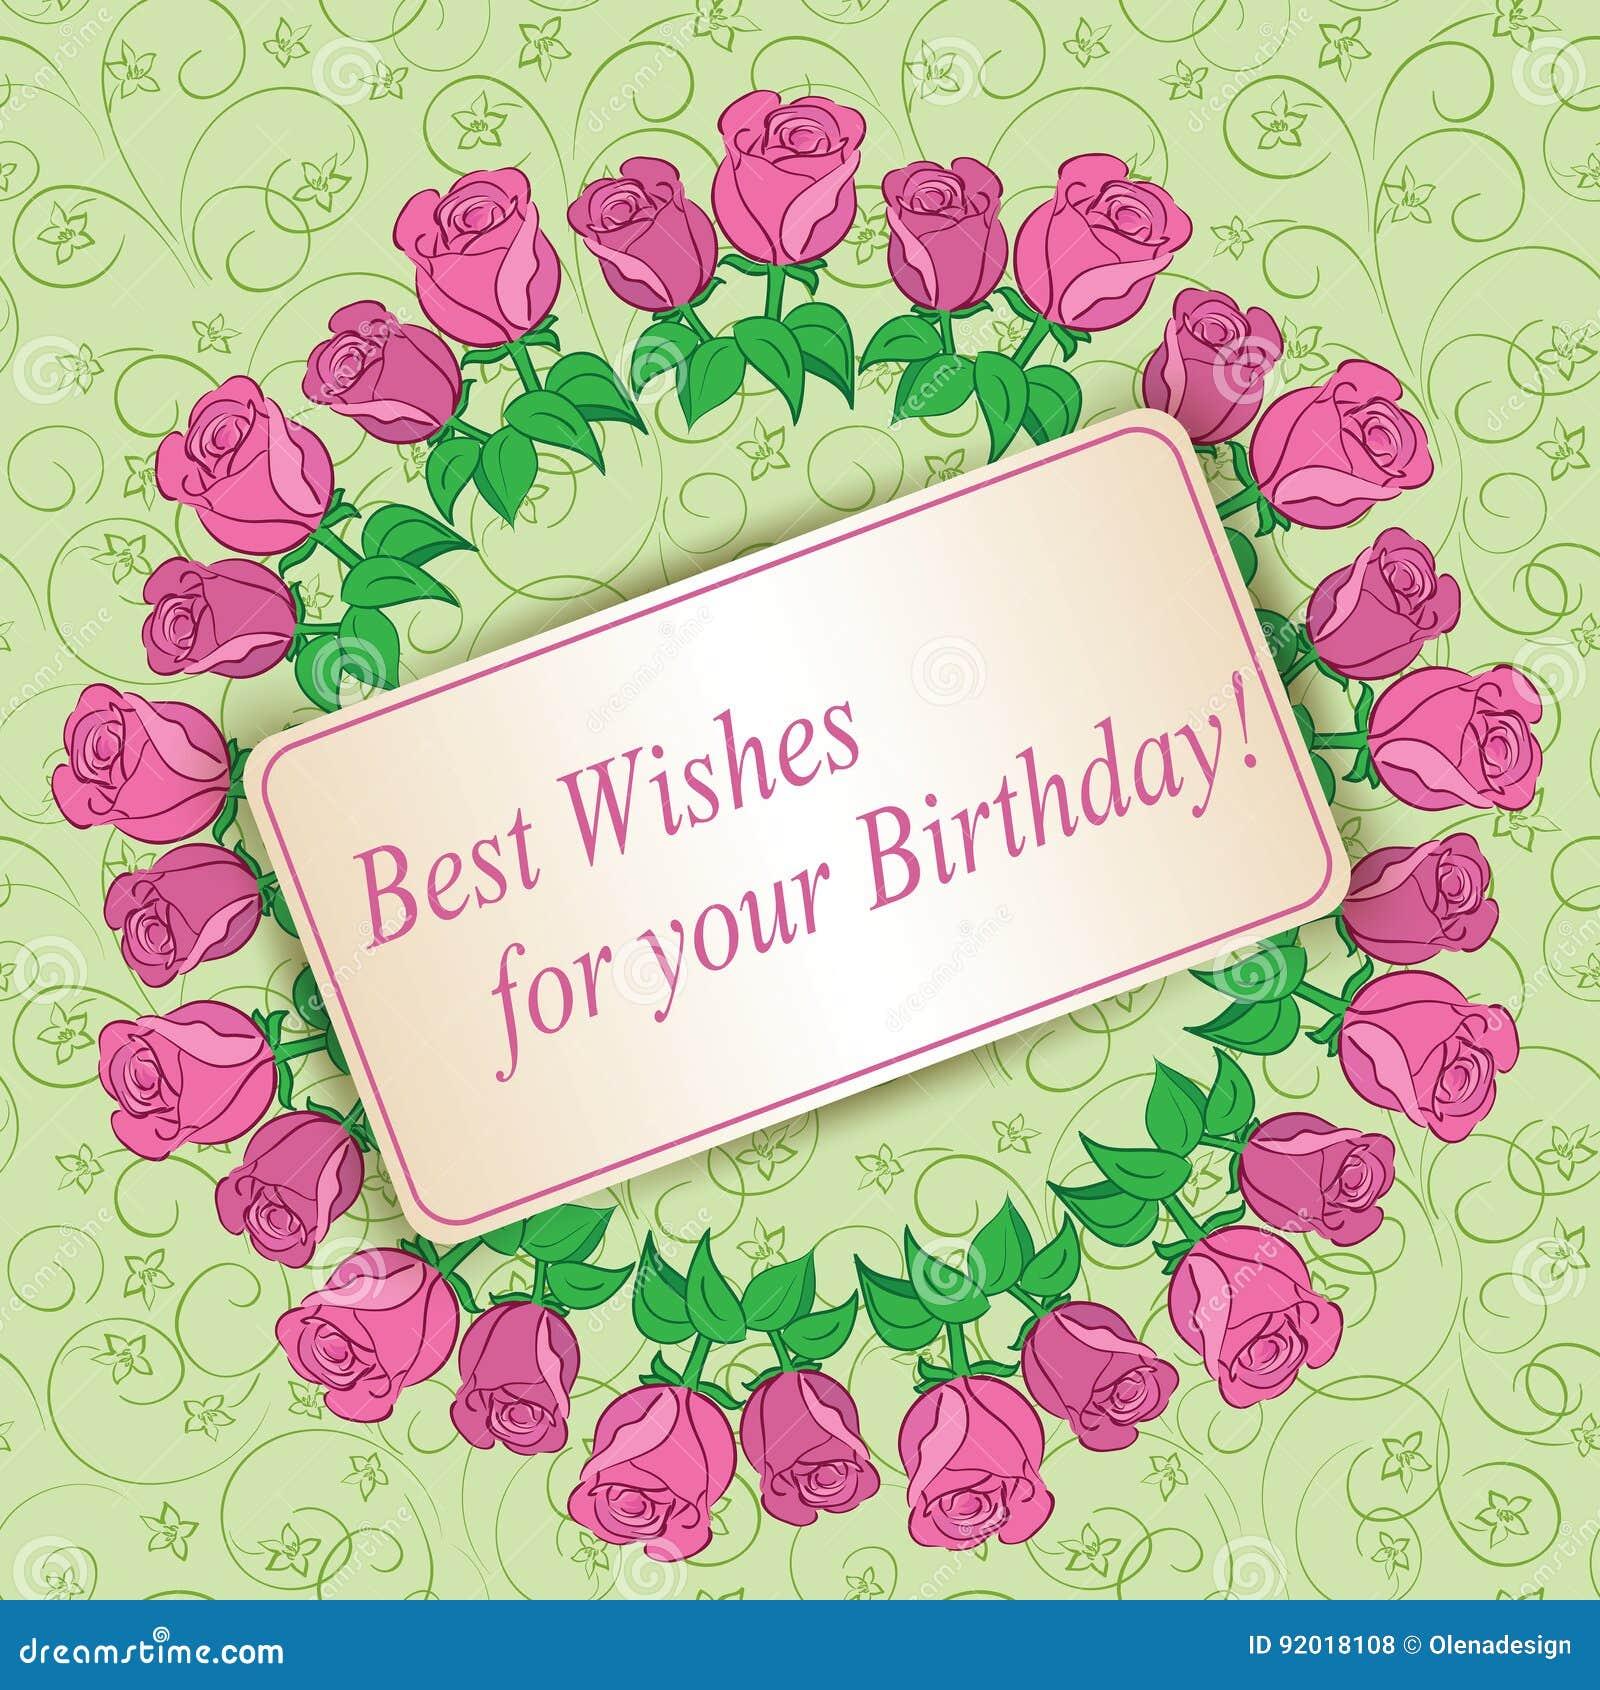 Beste Wensen Voor Uw Verjaardag Vectorgroetkaart Met Rozen